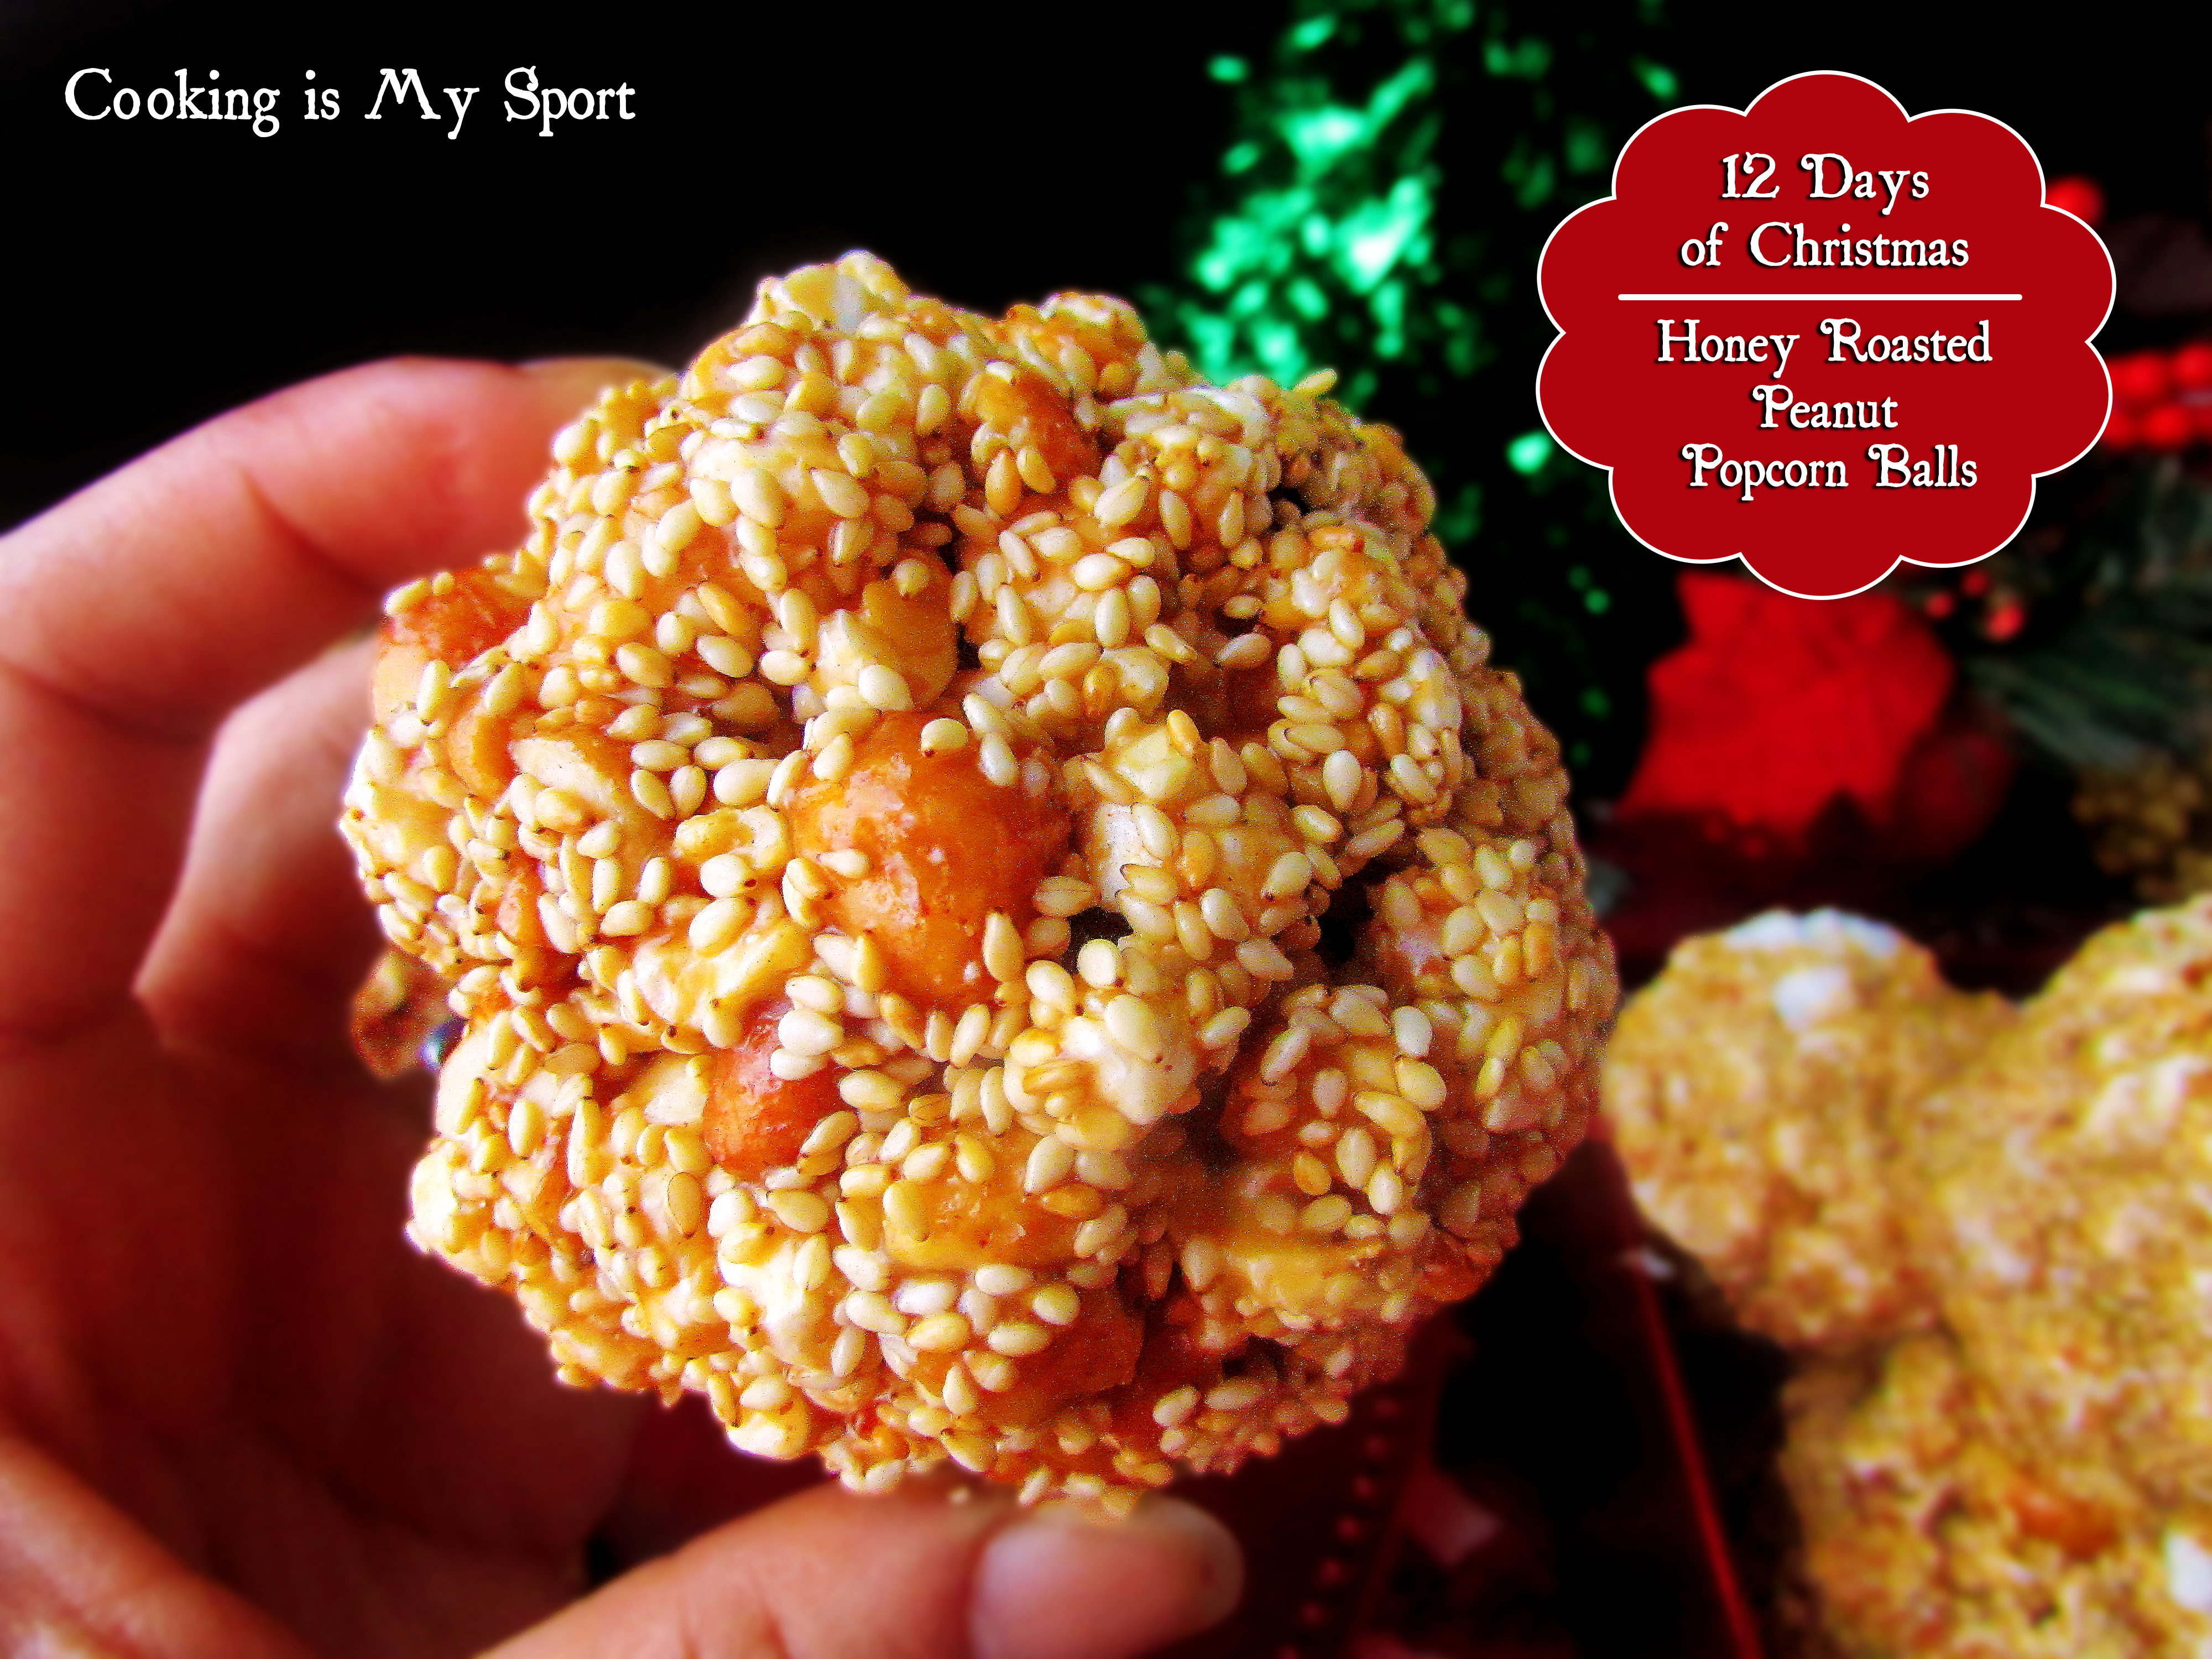 Honey Roasted Peanut Popcorn Balls1